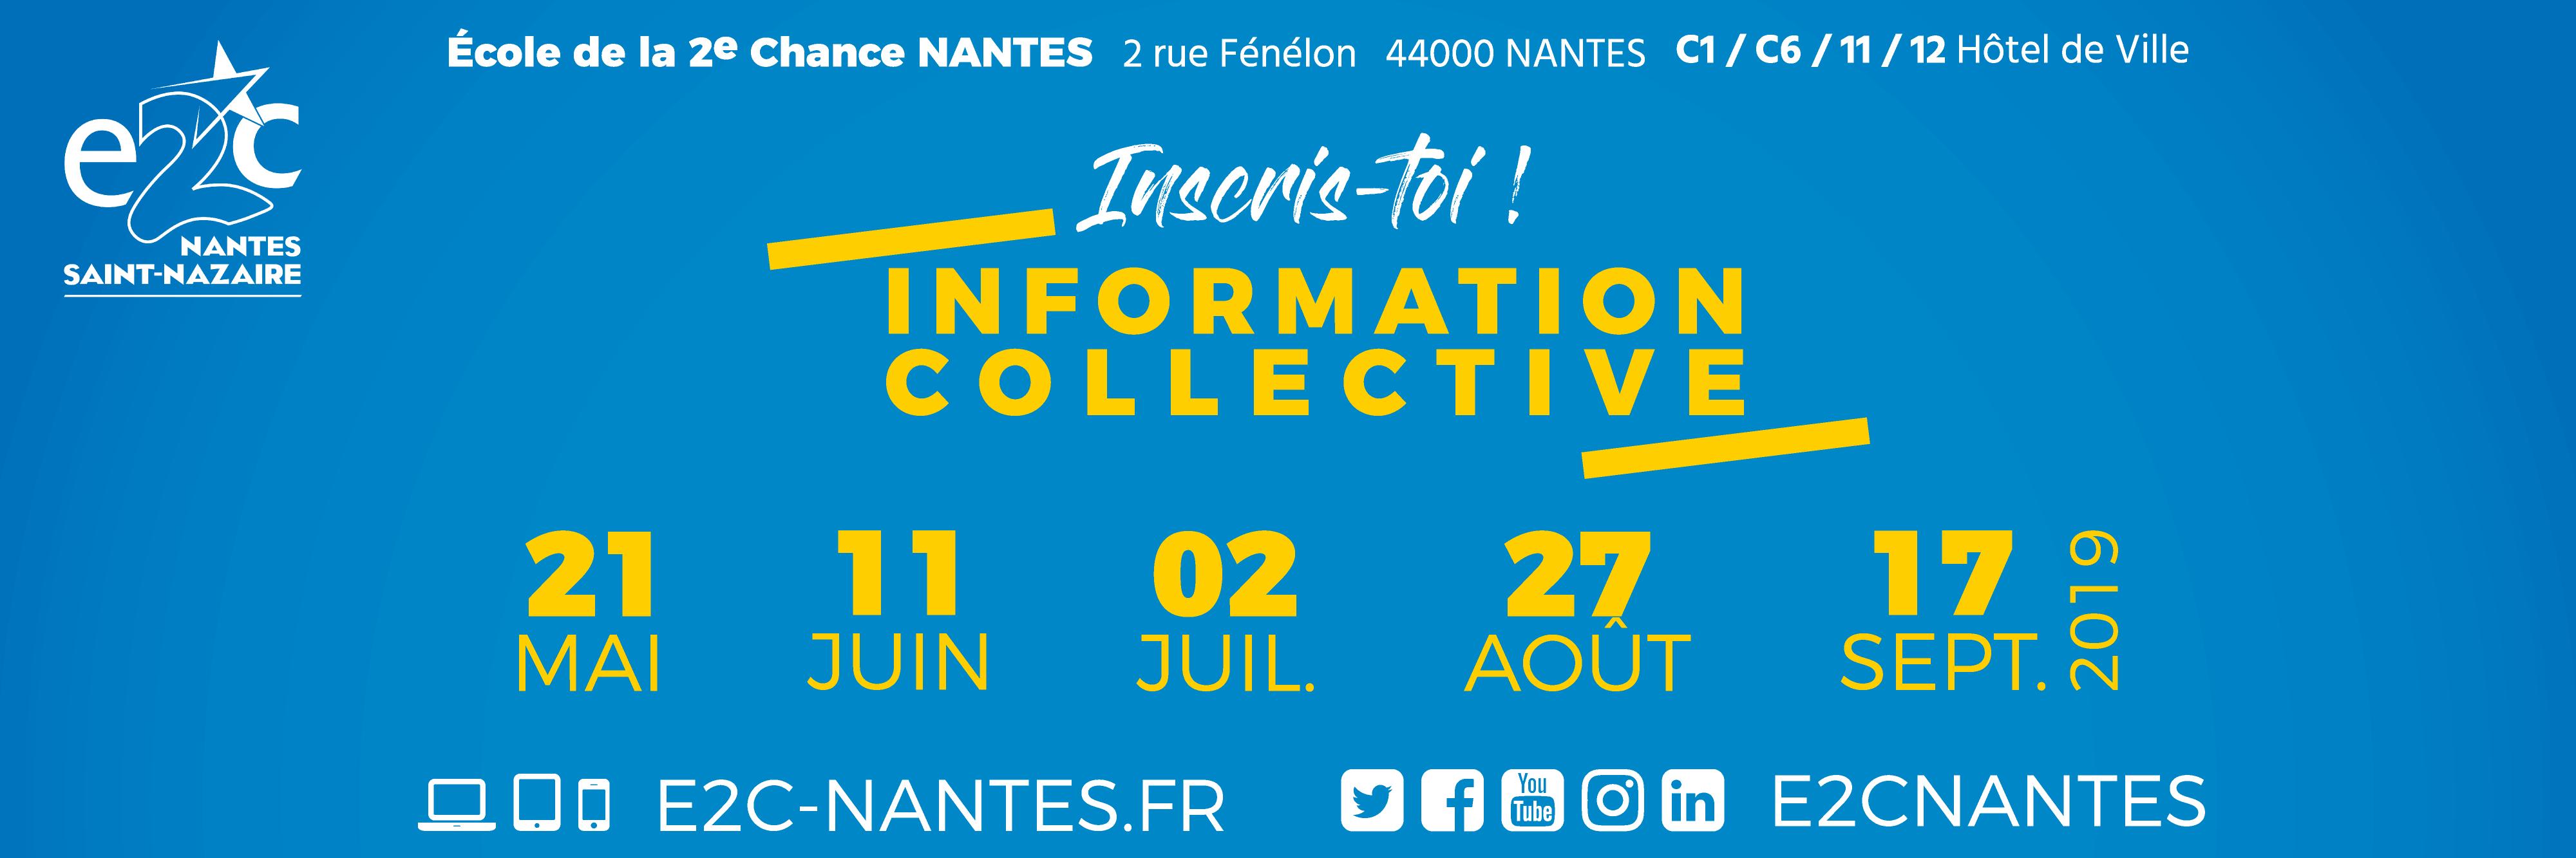 info collective e2c nantes